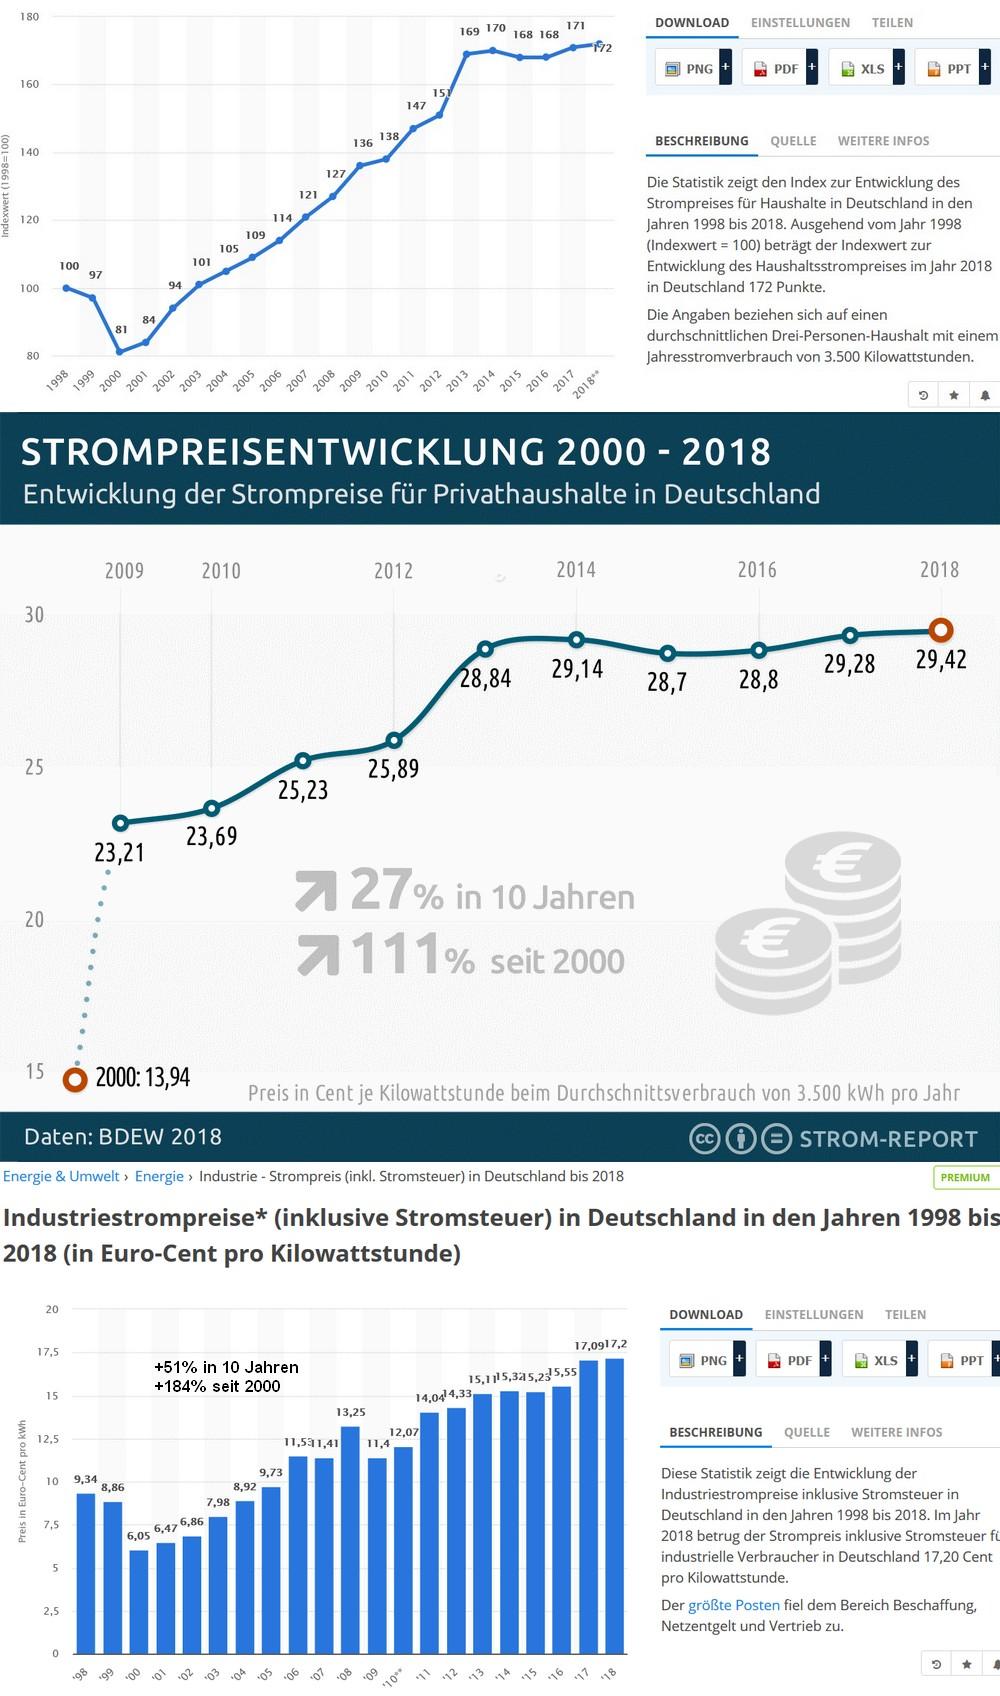 Strompreise2018